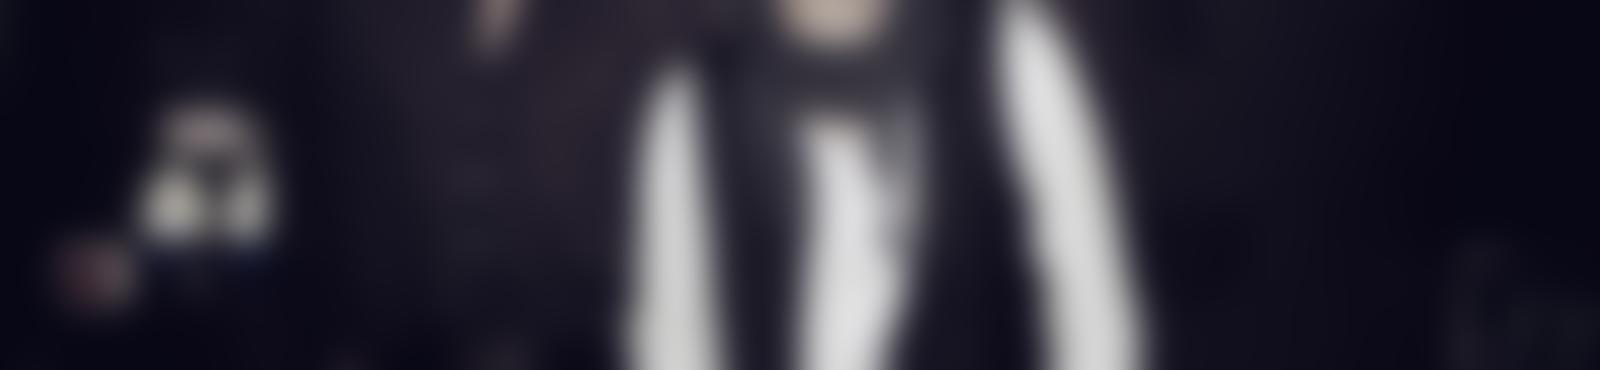 Blurred 4f70b61c 95da 45b7 9676 1243a870eb27